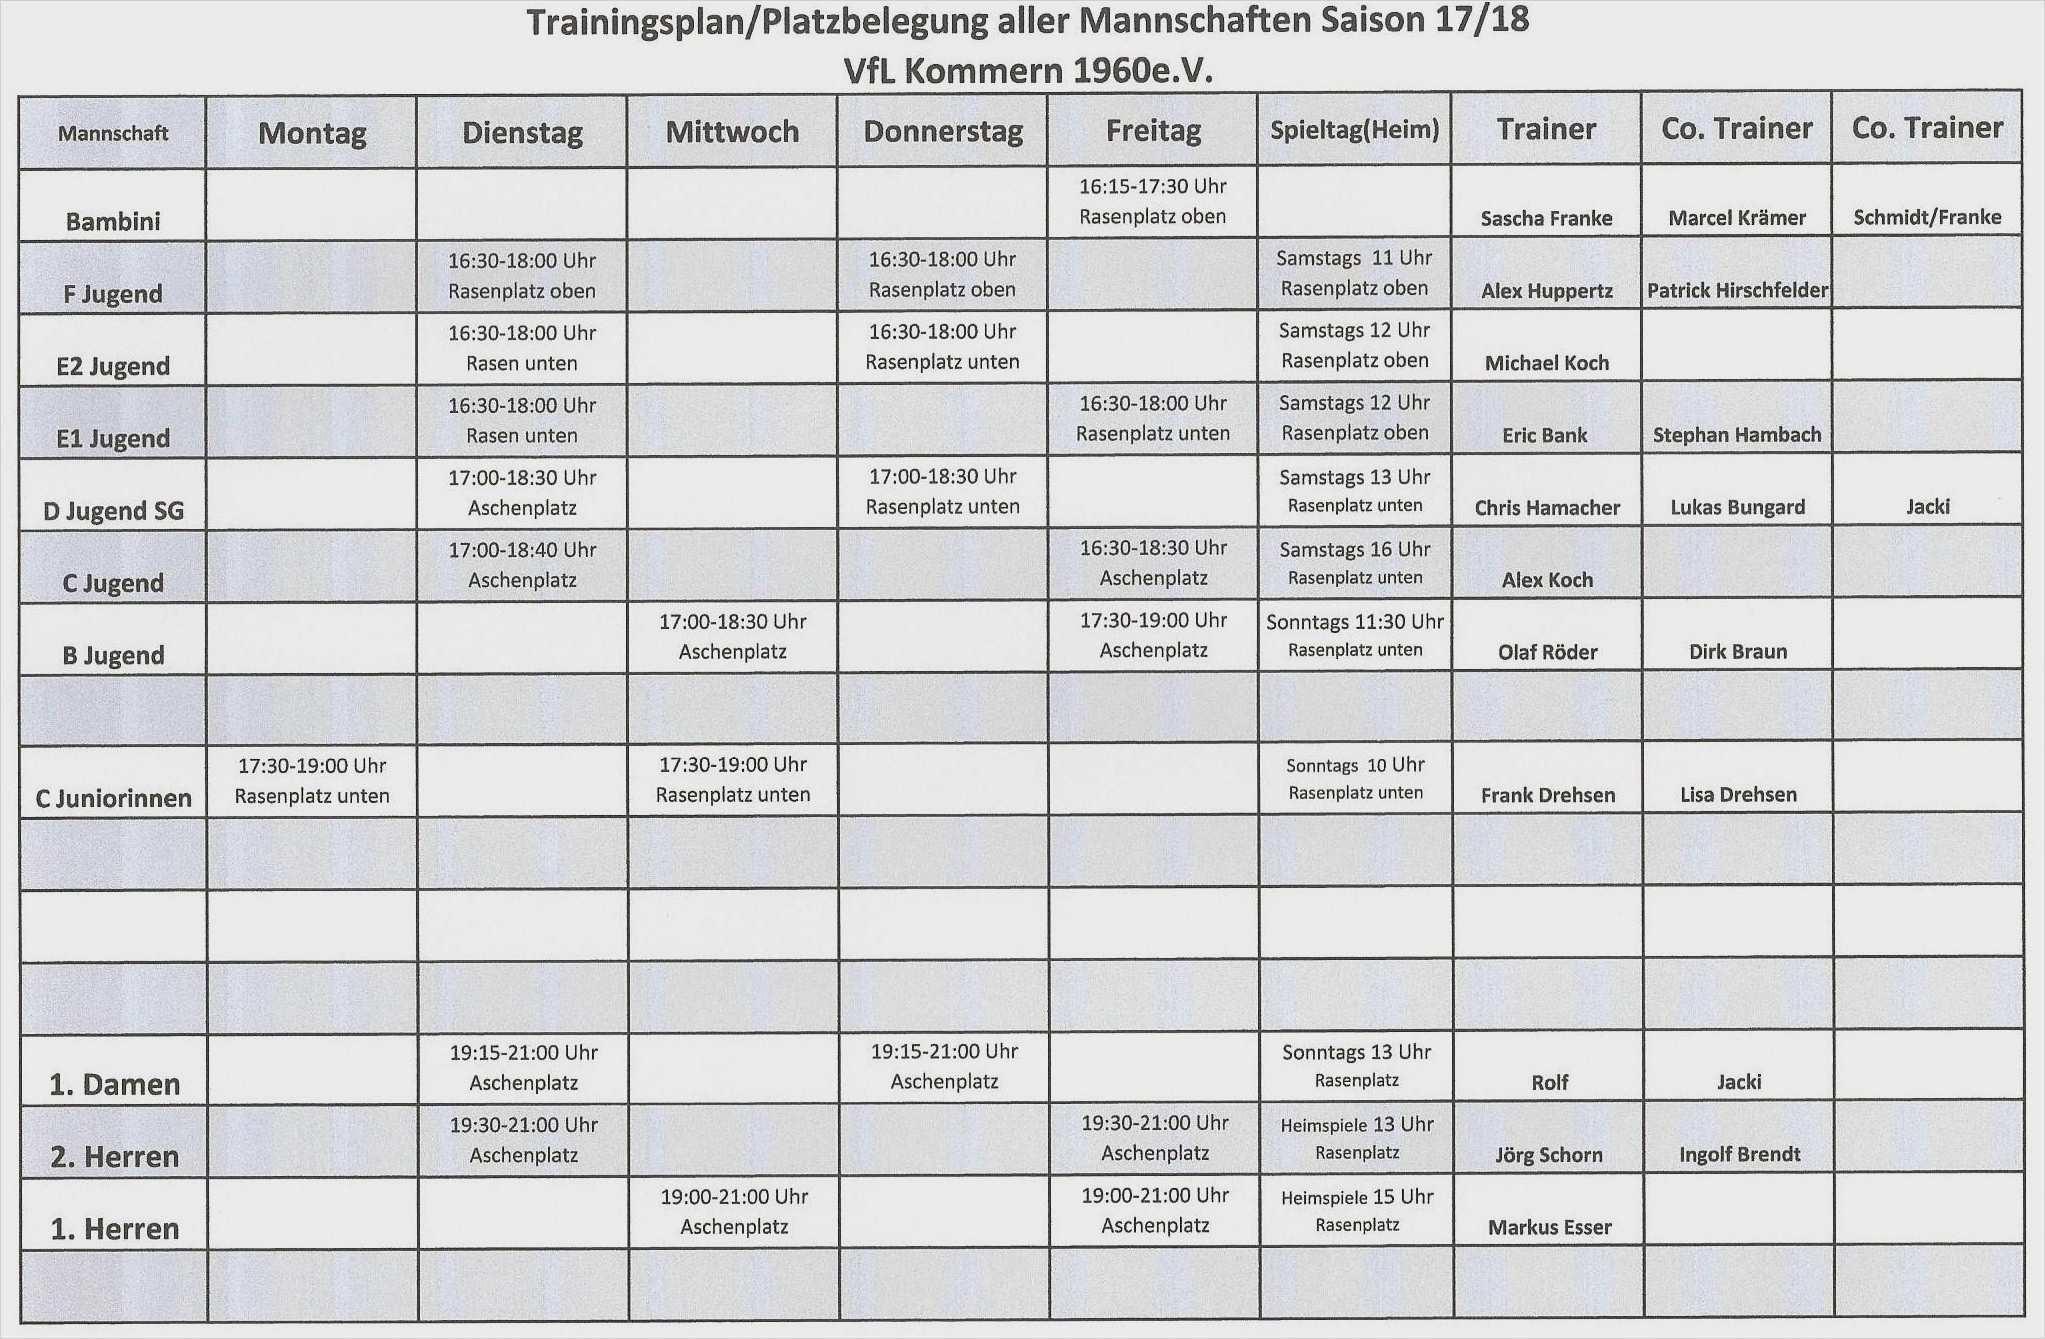 Trainingsplan Erstellen Vorlage 37 Beste Nobel Jene Konnen Anpassen Fur Ihre Erstaunlichen Kr Trainingsplan Erstellen Trainingsplan Training